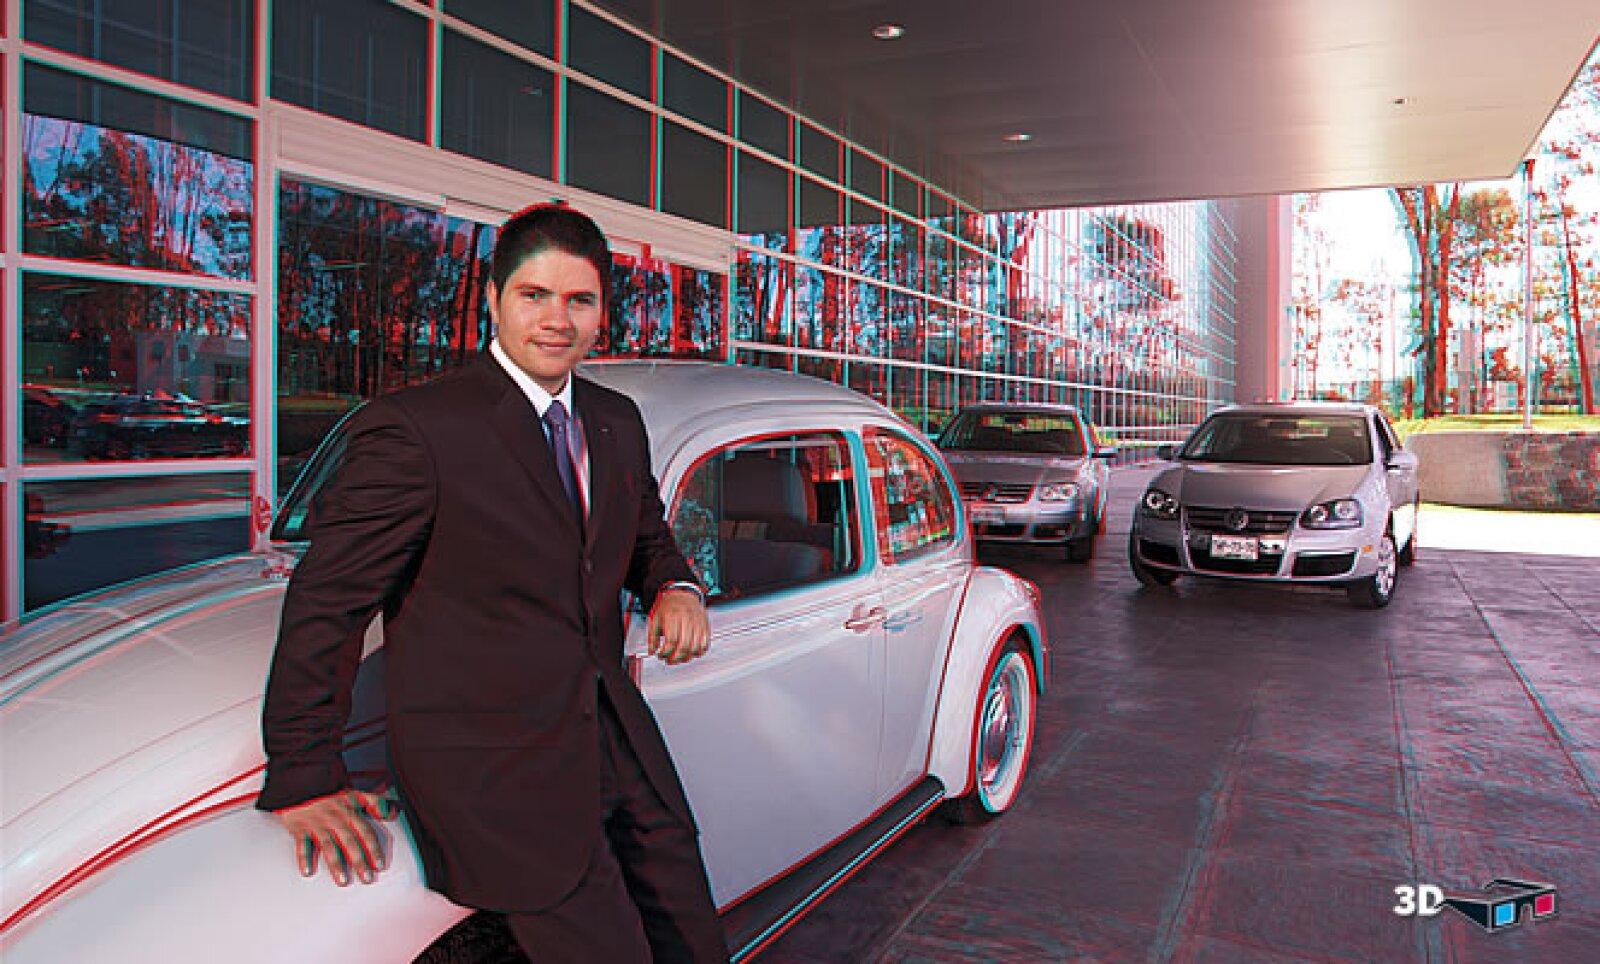 CAMPAÑA: Tu Volkswagen siempre vale. PRODUCTO: Volkswagen. AGENCIA: Arrechedera Claverol.